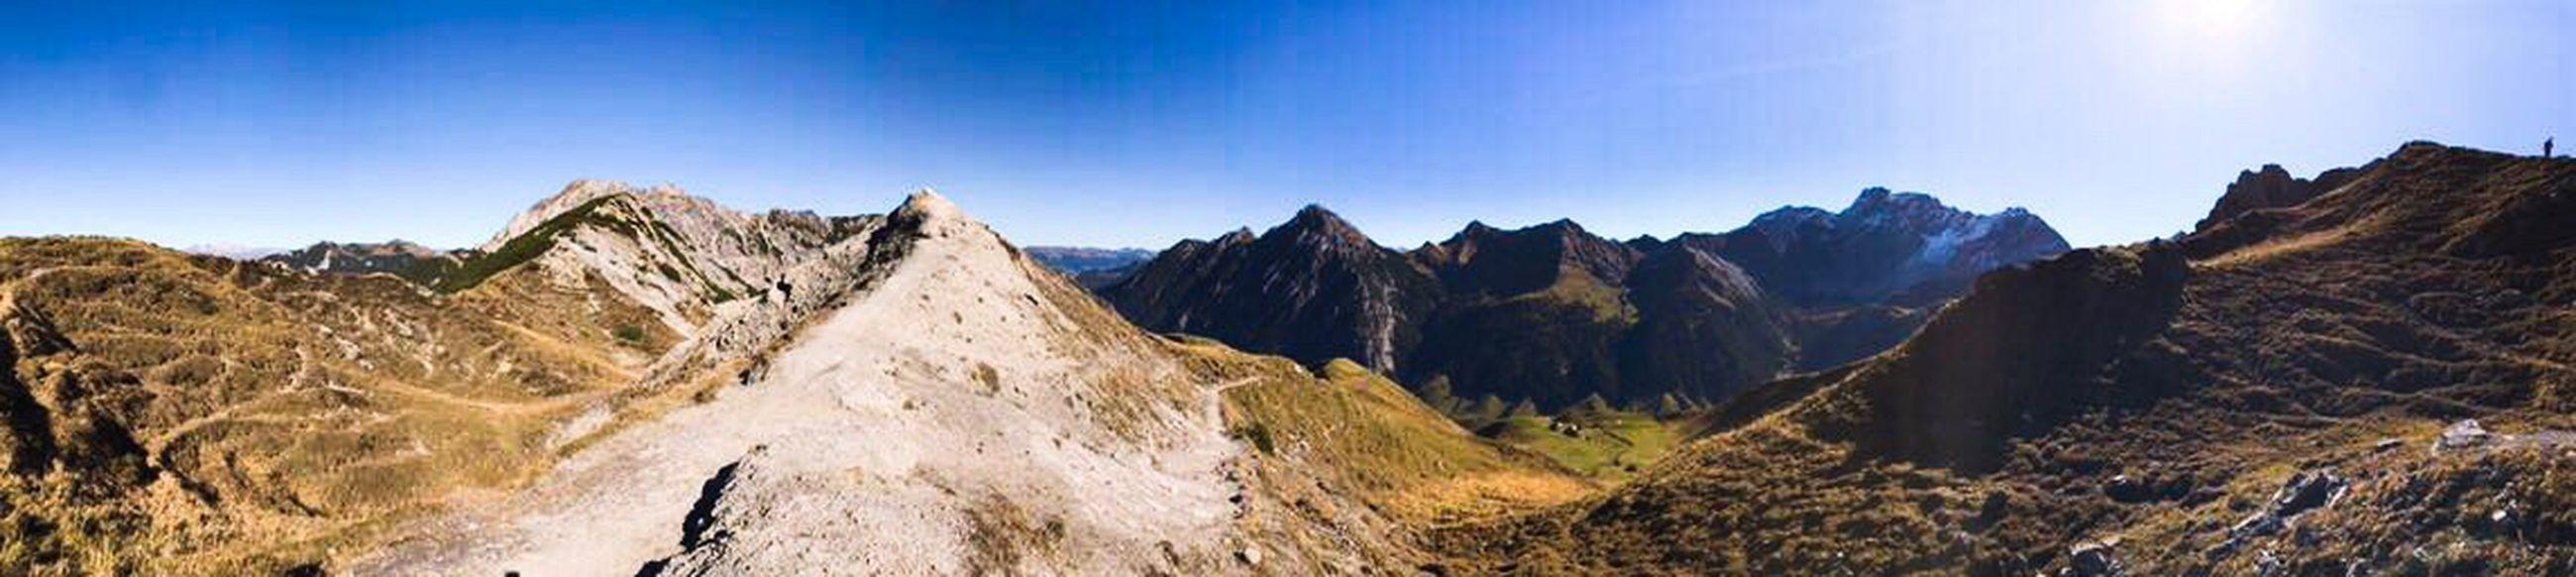 Sareiserjoch Liechtenstein Malbun Sareiserjoch Mountain Panoramic Landscape Nature Sky Mountain Range Outdoors